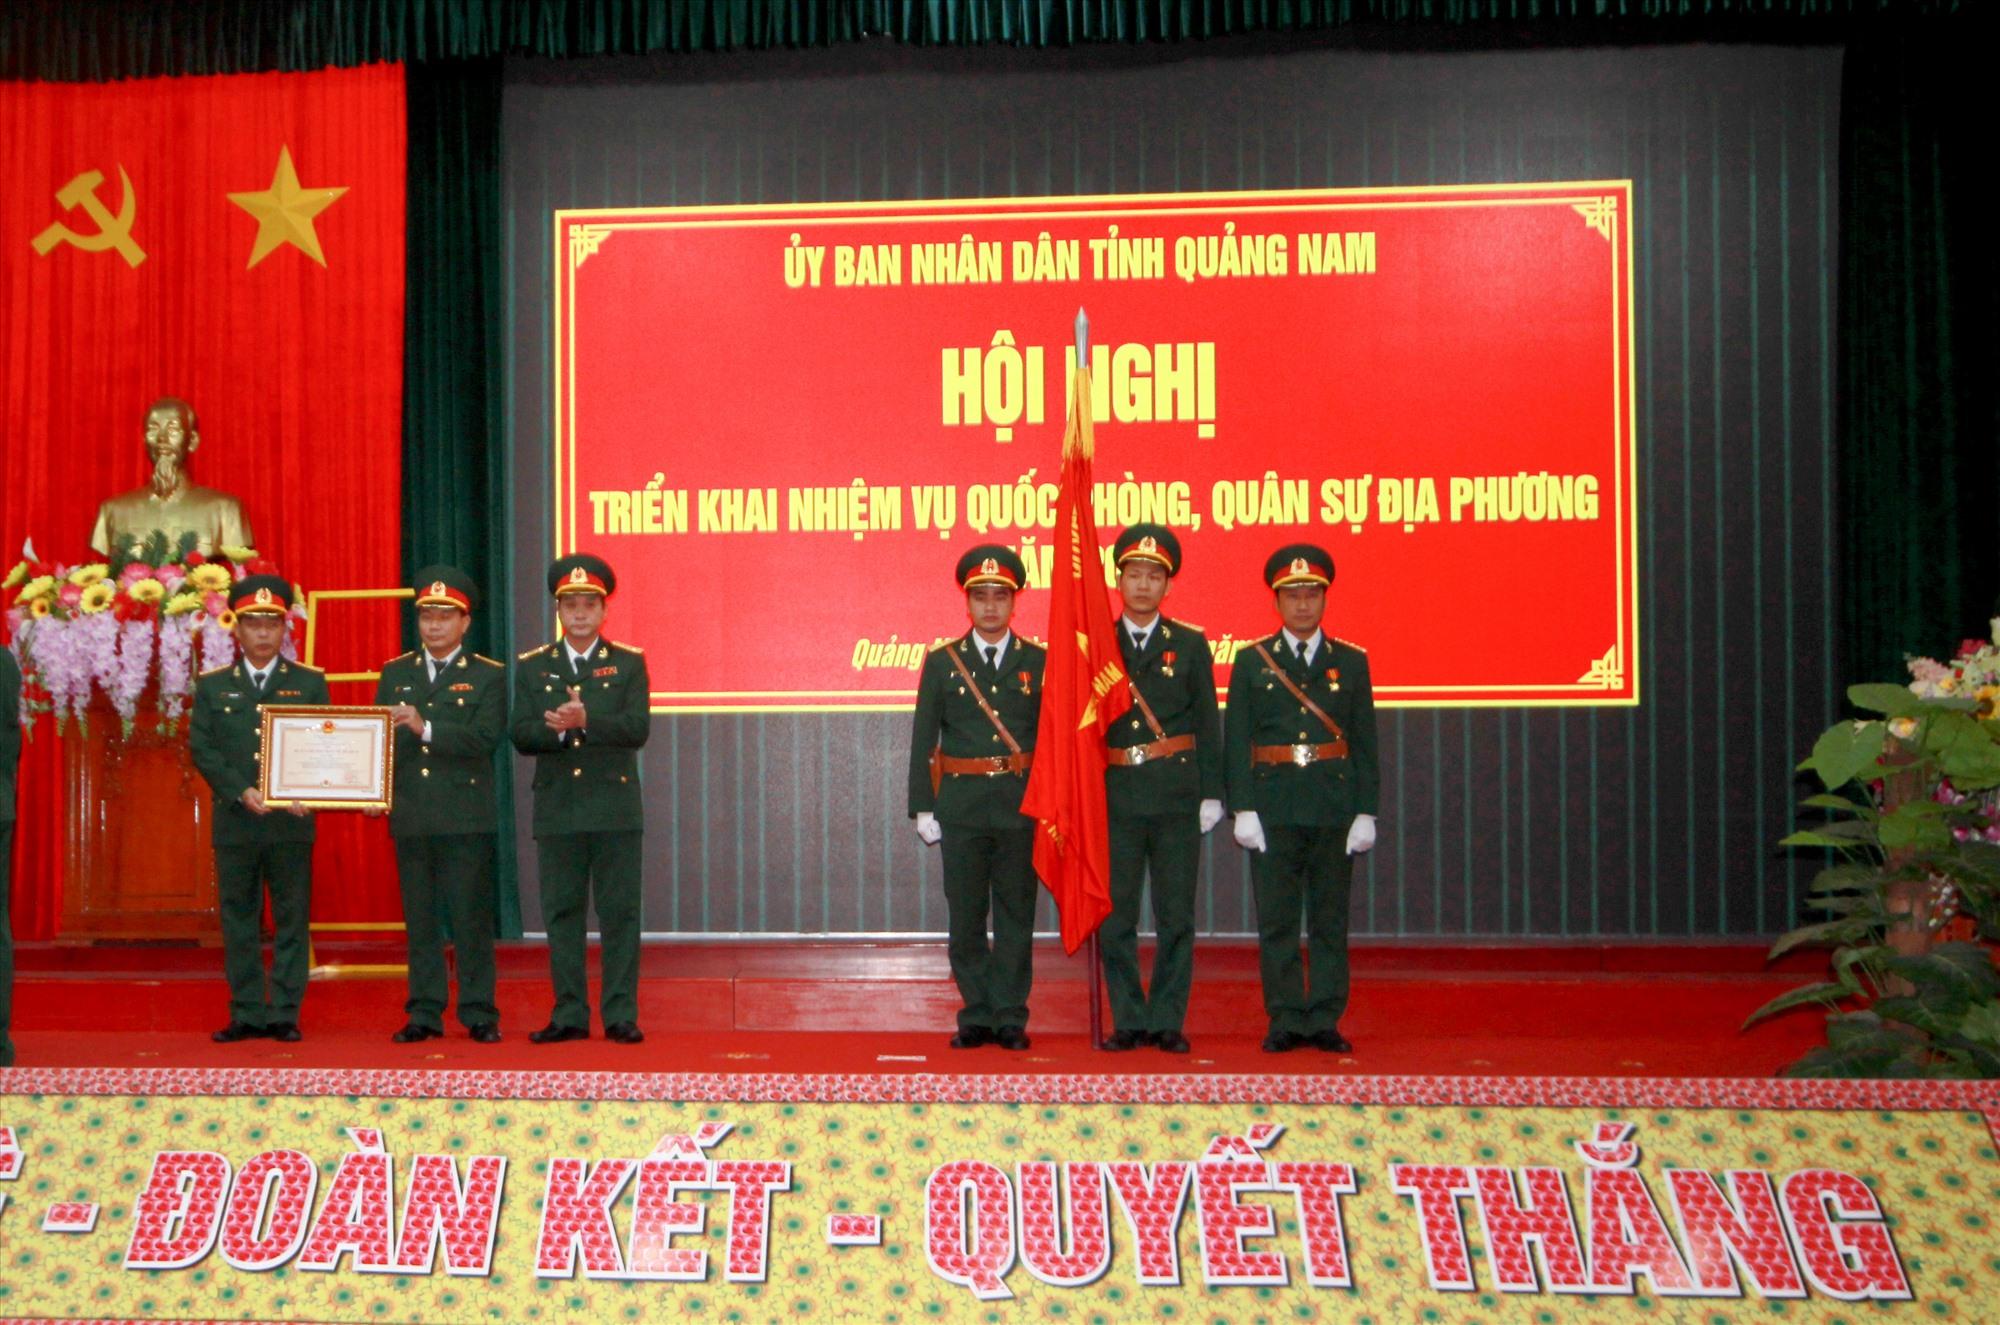 Bộ Chỉ huy Quân sự tỉnh vinh dự đón nhận Huân chương Bảo vệ Tổ quốc hạng Nhất. Ảnh: T.C